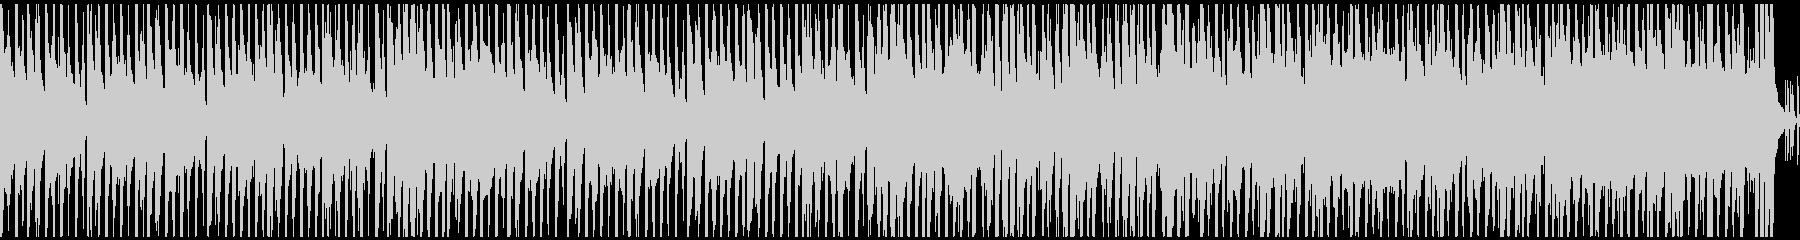 ハッピー&ポップな曲(ループ)の未再生の波形